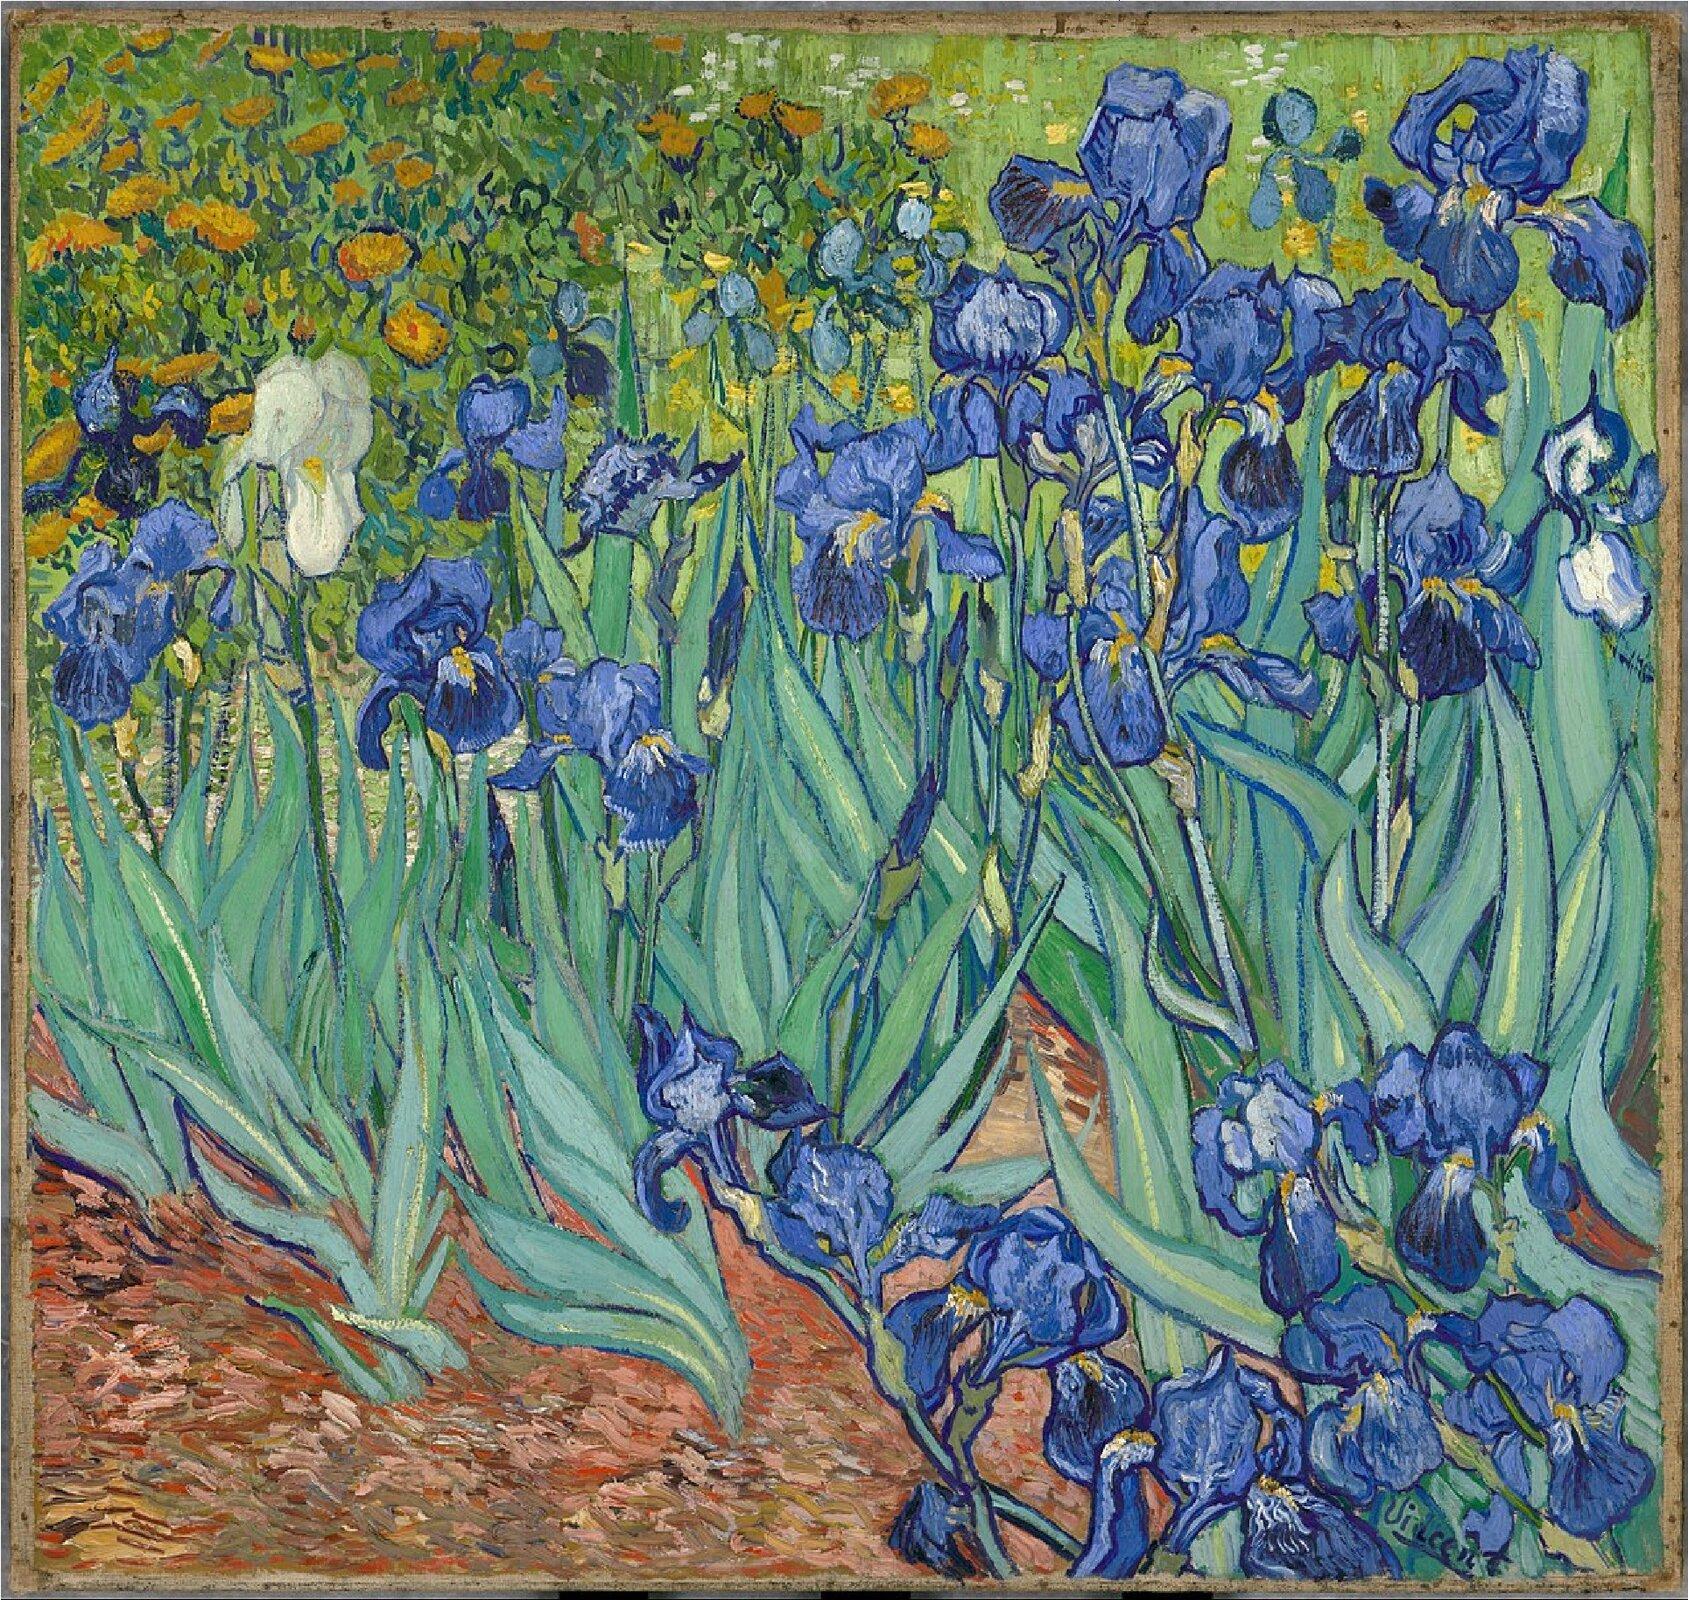 """Ilustracja przedstawia obraz olejny """"Irysy"""" autorstwa Vincenta Van Gogha. Na pierwszym planie kompozycji ukazane zostały wyrastające zczerwono-rudej ziemi niebieskie kwiaty owysmukłych zielono-szarych liściach idługich, wąskich łodygach. Wtle znajduje się ciepłe, zielono-żółte pole słoneczników. Artysta różnicuje plamę barwną. Zarówno tło jak iziemia malowane są przy pomocy techniki puentylistycznej – drobnymi pociągnięciami pędzla, impasto. Zupełnie inaczej traktuje kwiaty – tutaj malarz przyłożył dużą wagę do detalu iodwzorowania natury. Każda roślina jest namalowany zniezwykłą wnikliwością, wręcz czuje się  ich aksamitną delikatność. Powyginane kształty niebieskich płatków stanowią kontrast zokalającymi je podłużnymi liśćmi. Artysta zastosował tutaj kompozycję otwartą – obraz stanowi kadr większego pejzażu, który łatwo jesteśmy wstanie sobie wyobrazić."""